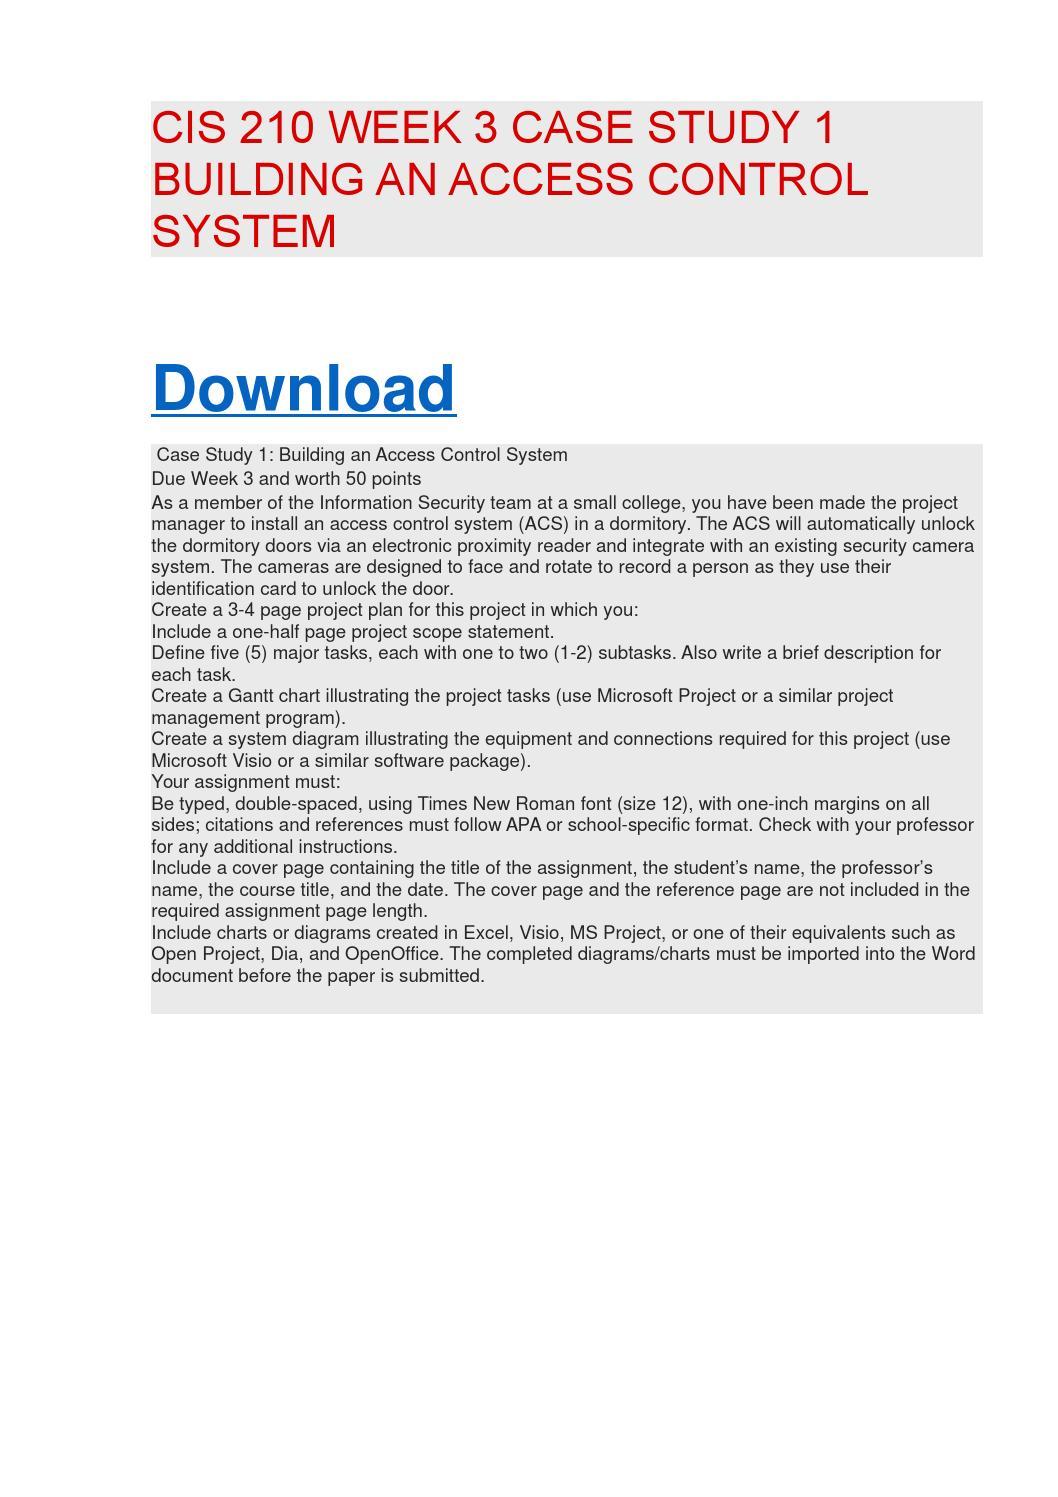 Checklist for Existing Facilities version 2 - ADA